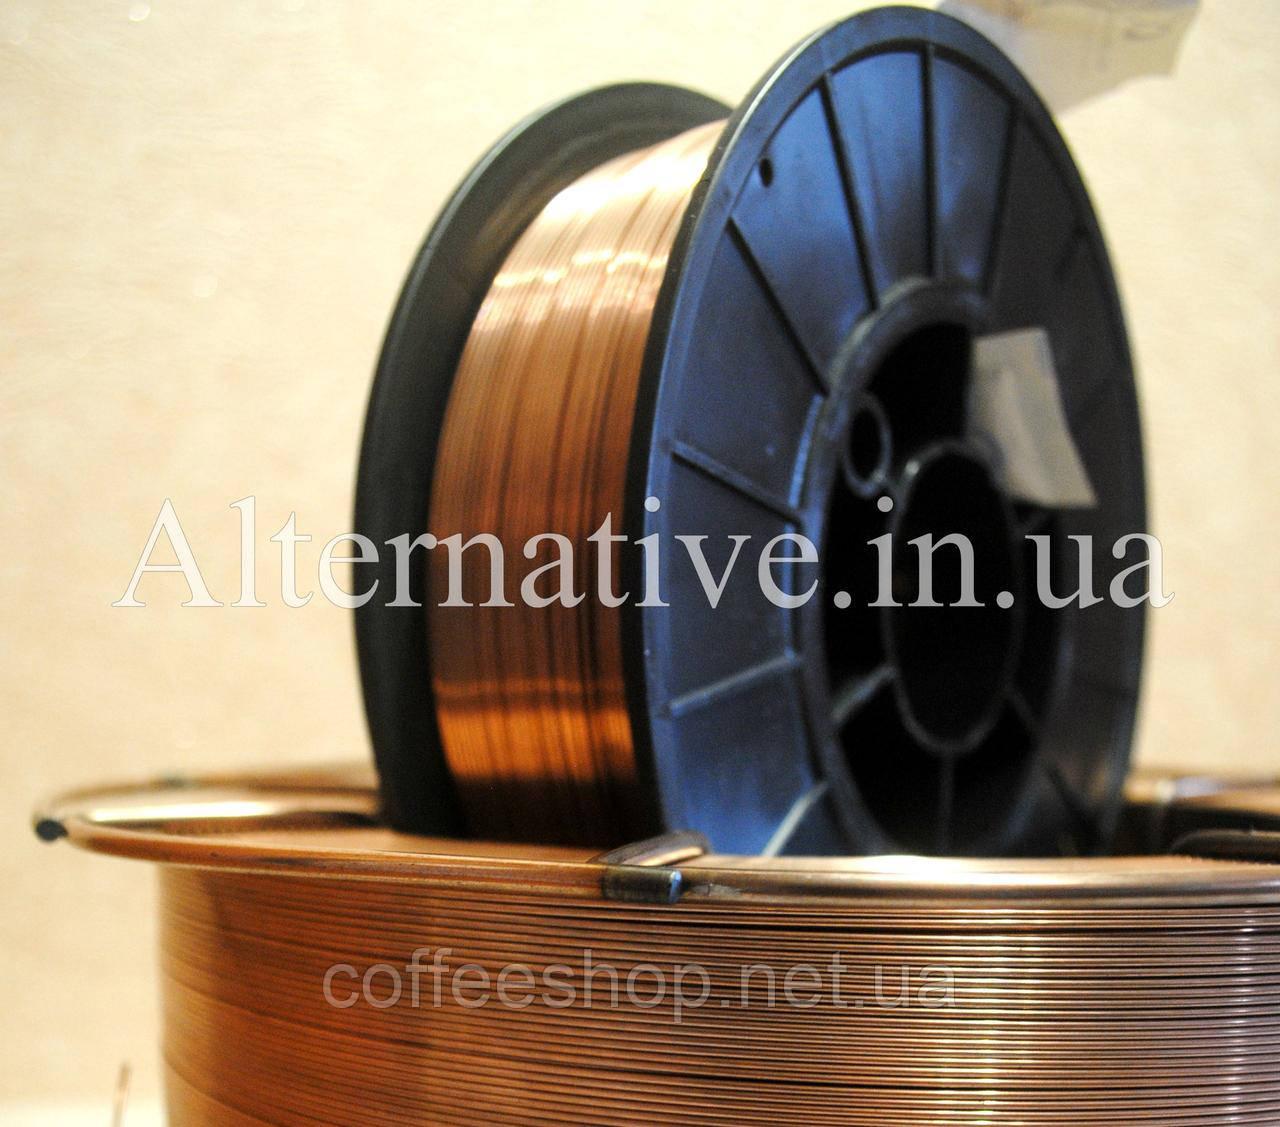 Сварочная проволока СВ08Г2С диаметром 1.0 мм (кассеты по 5 кг)